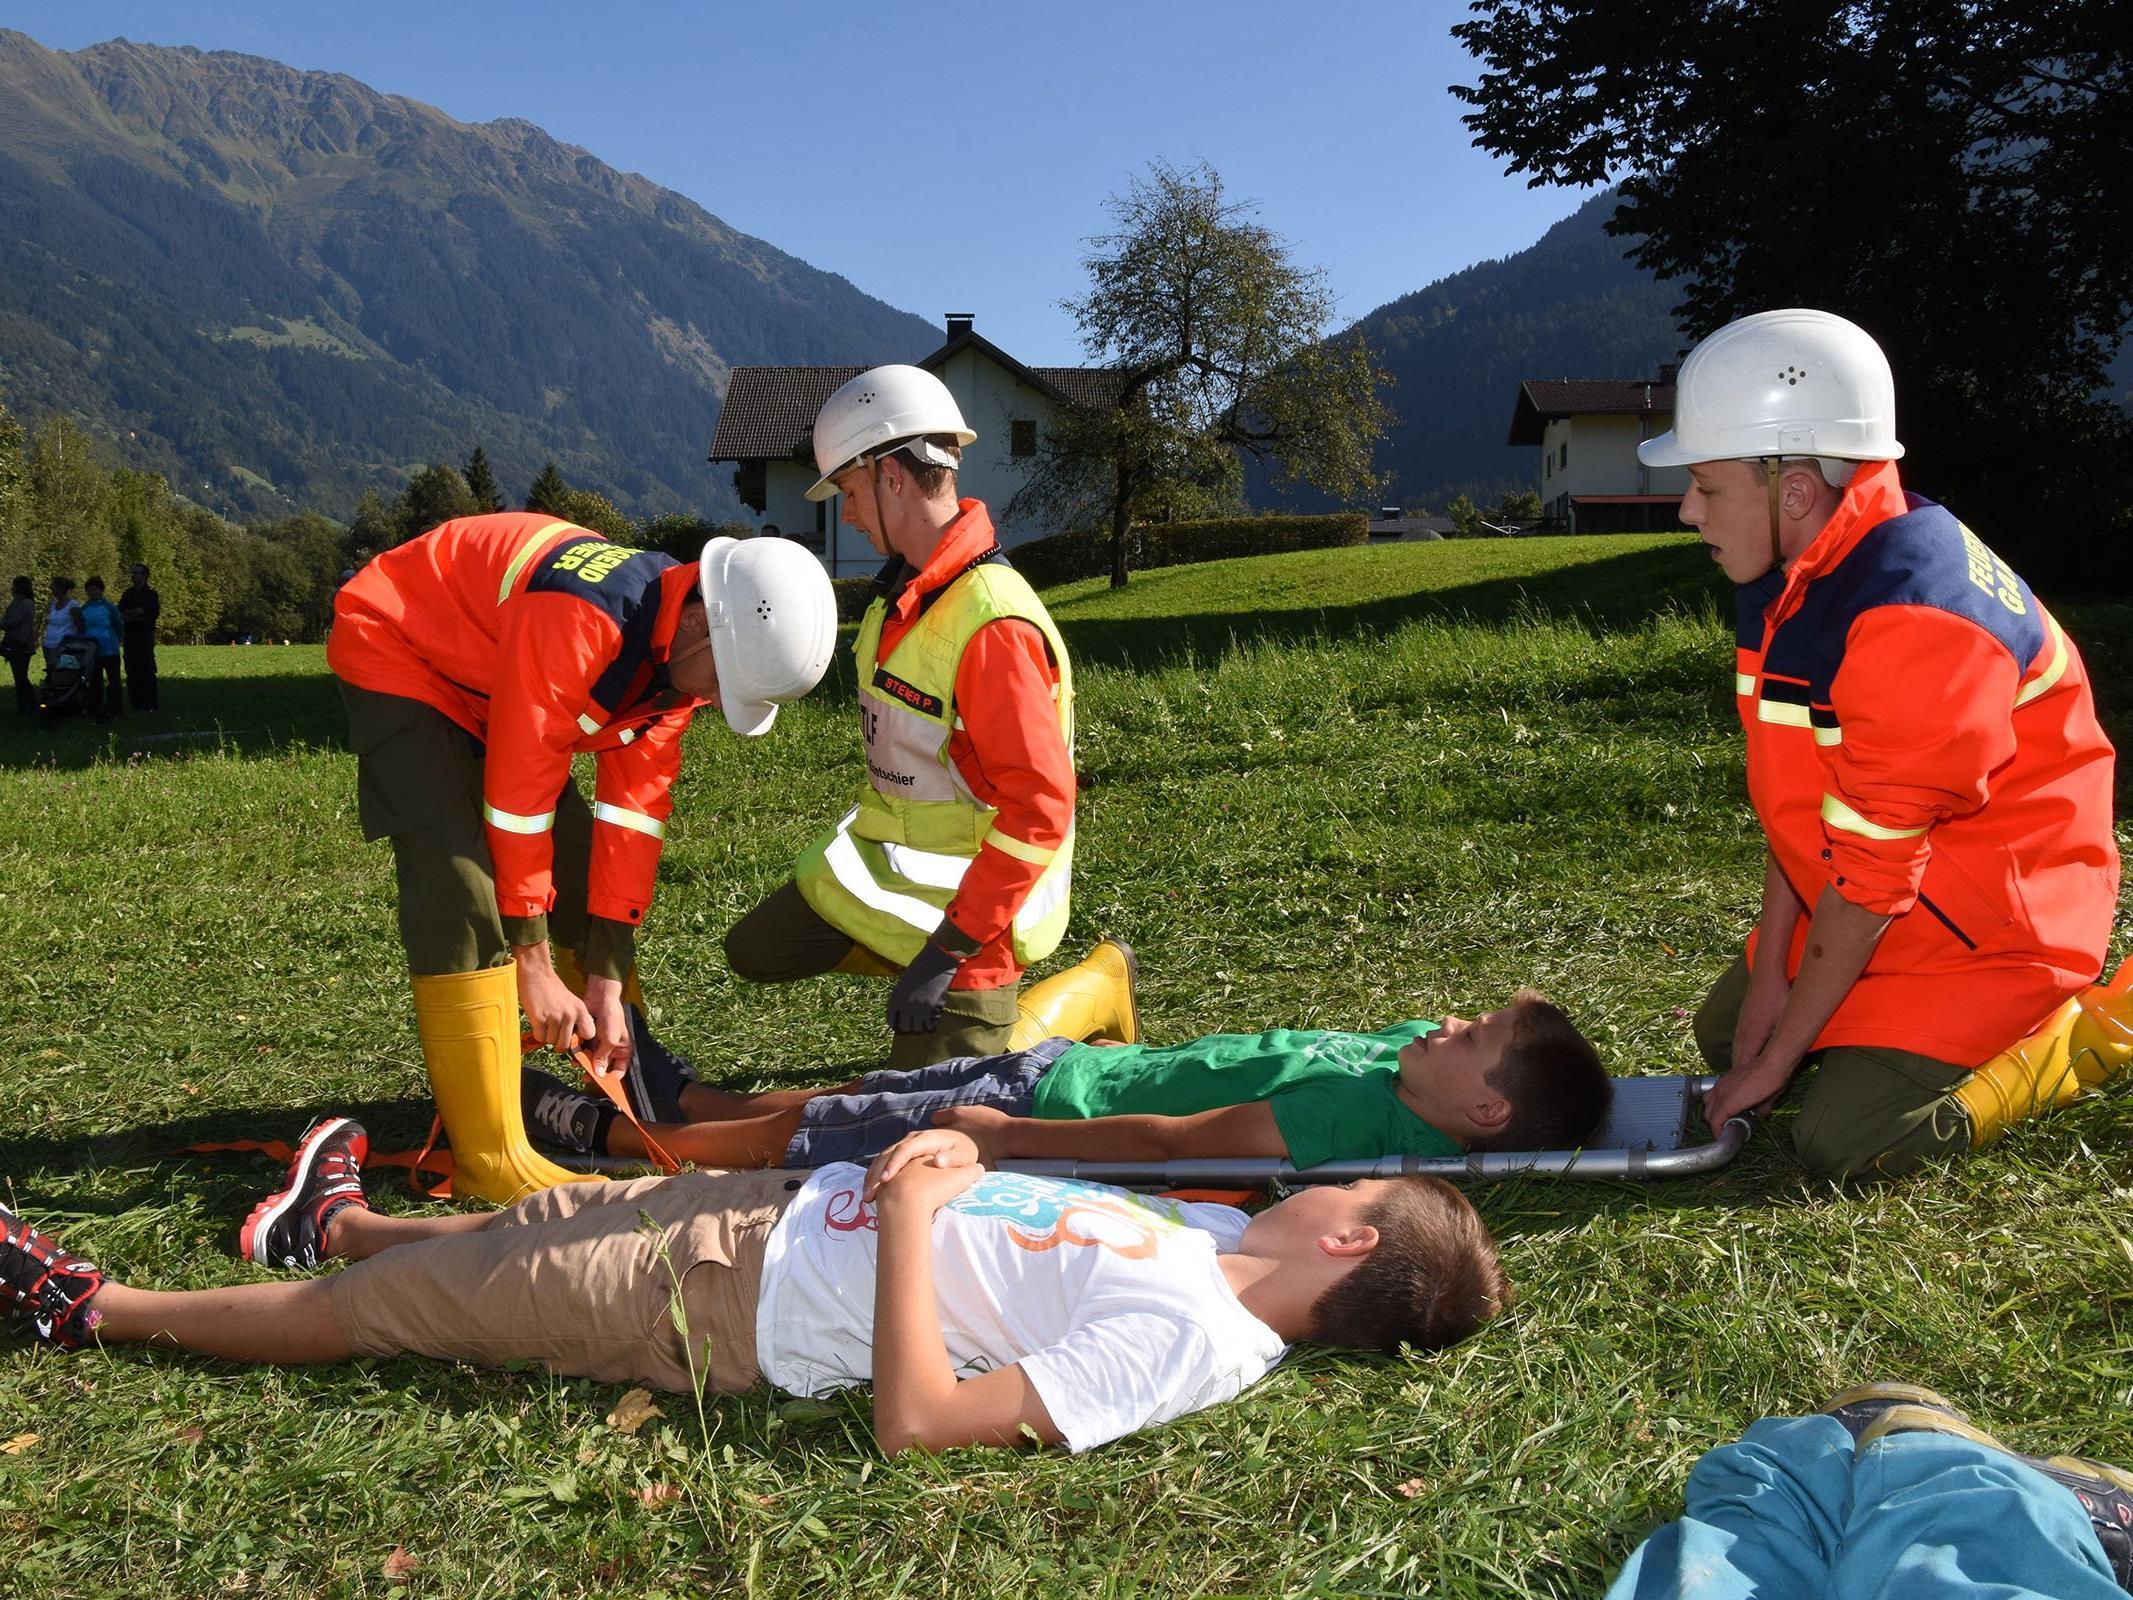 """Mehr als 30 Feuerwehrjugendliche standen im """"Einsatz"""", um Verletzte zu bergen und einen Brand zu bekämpfen."""